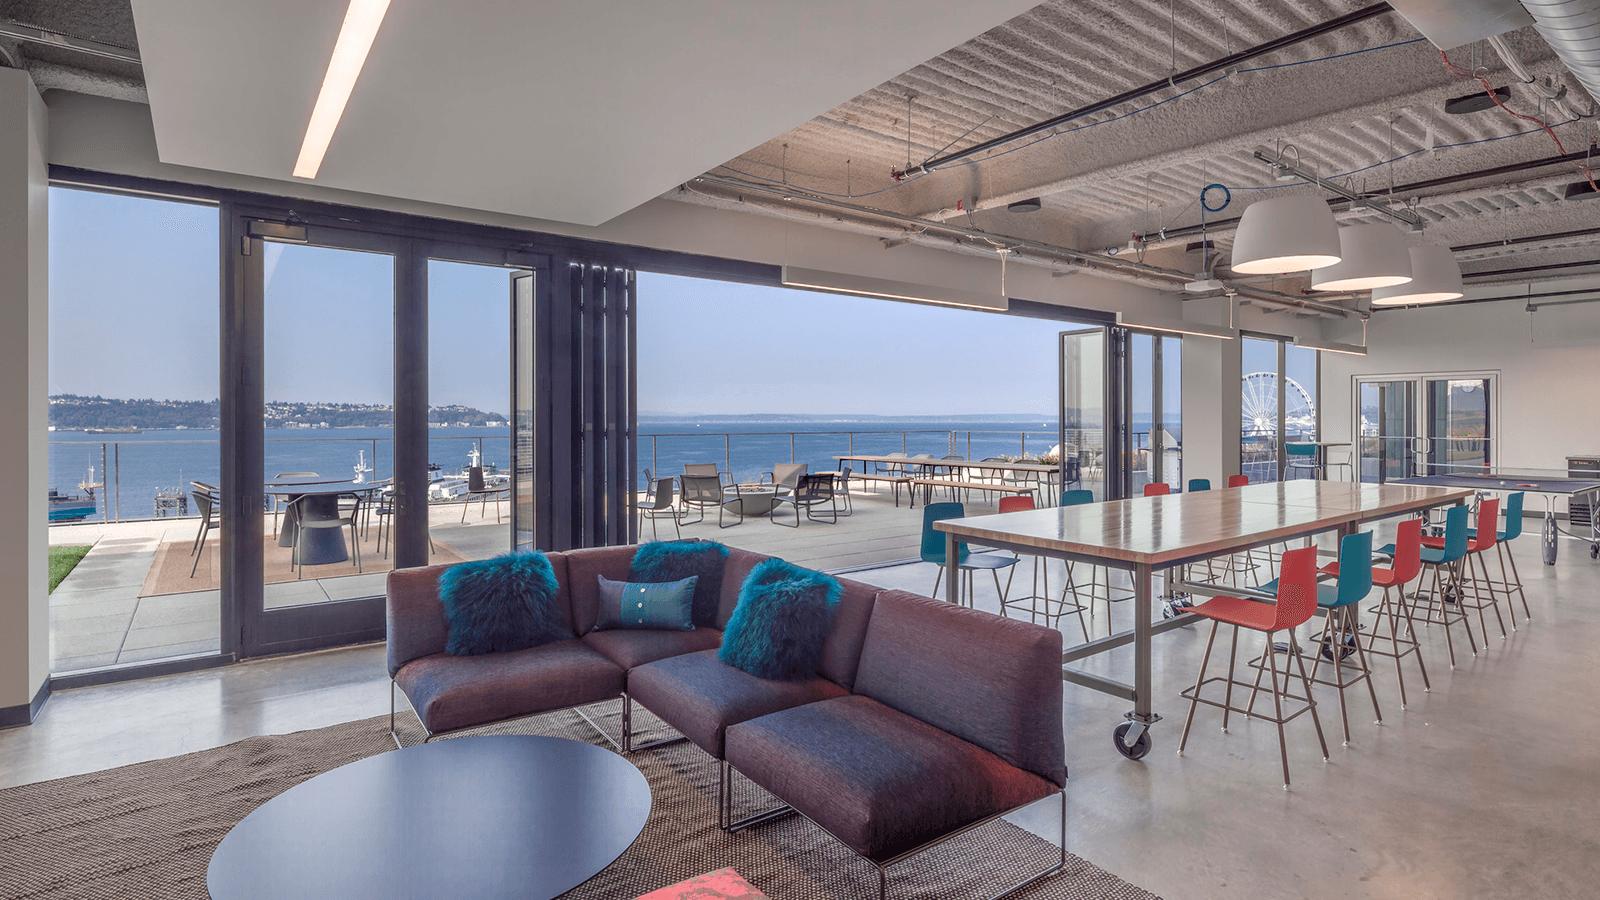 big-fish-games-top-floor-cafe.png